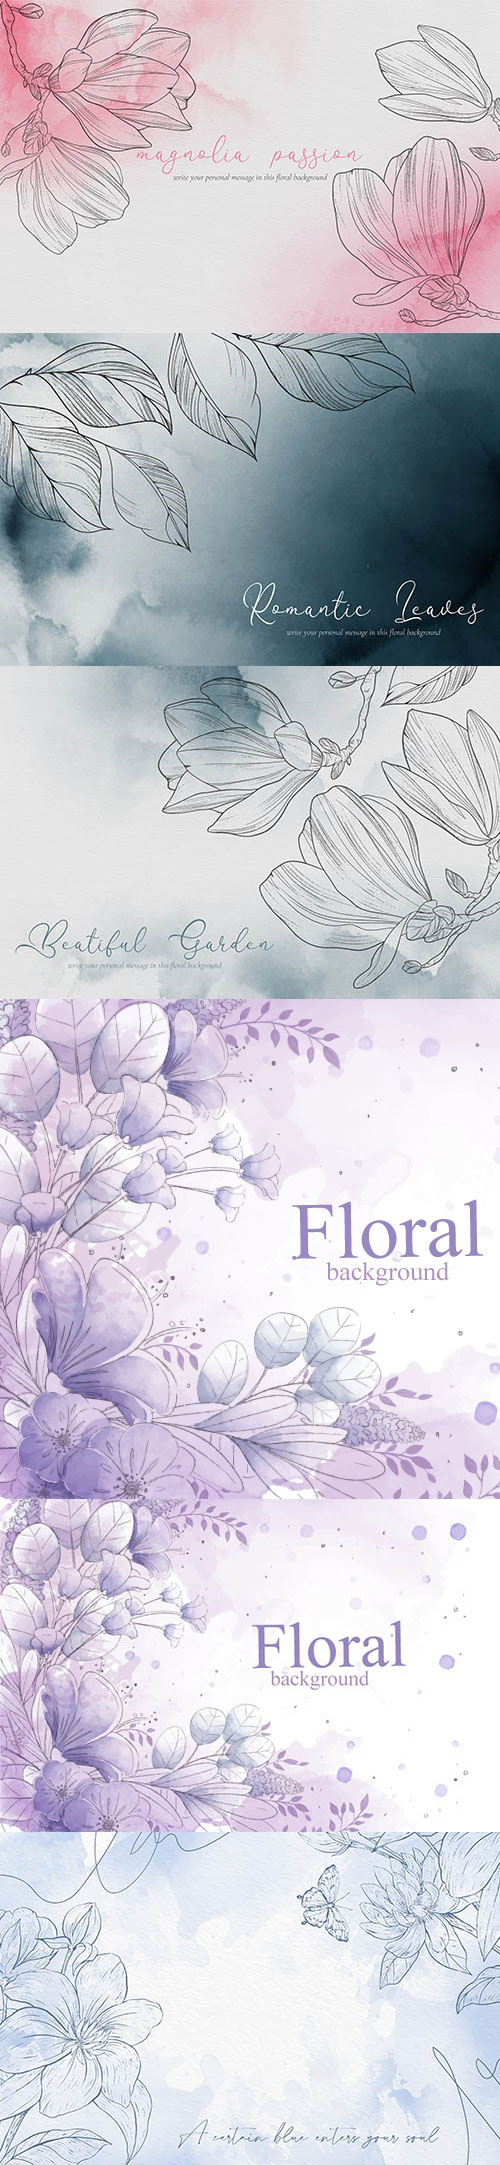 手绘素描风格花朵